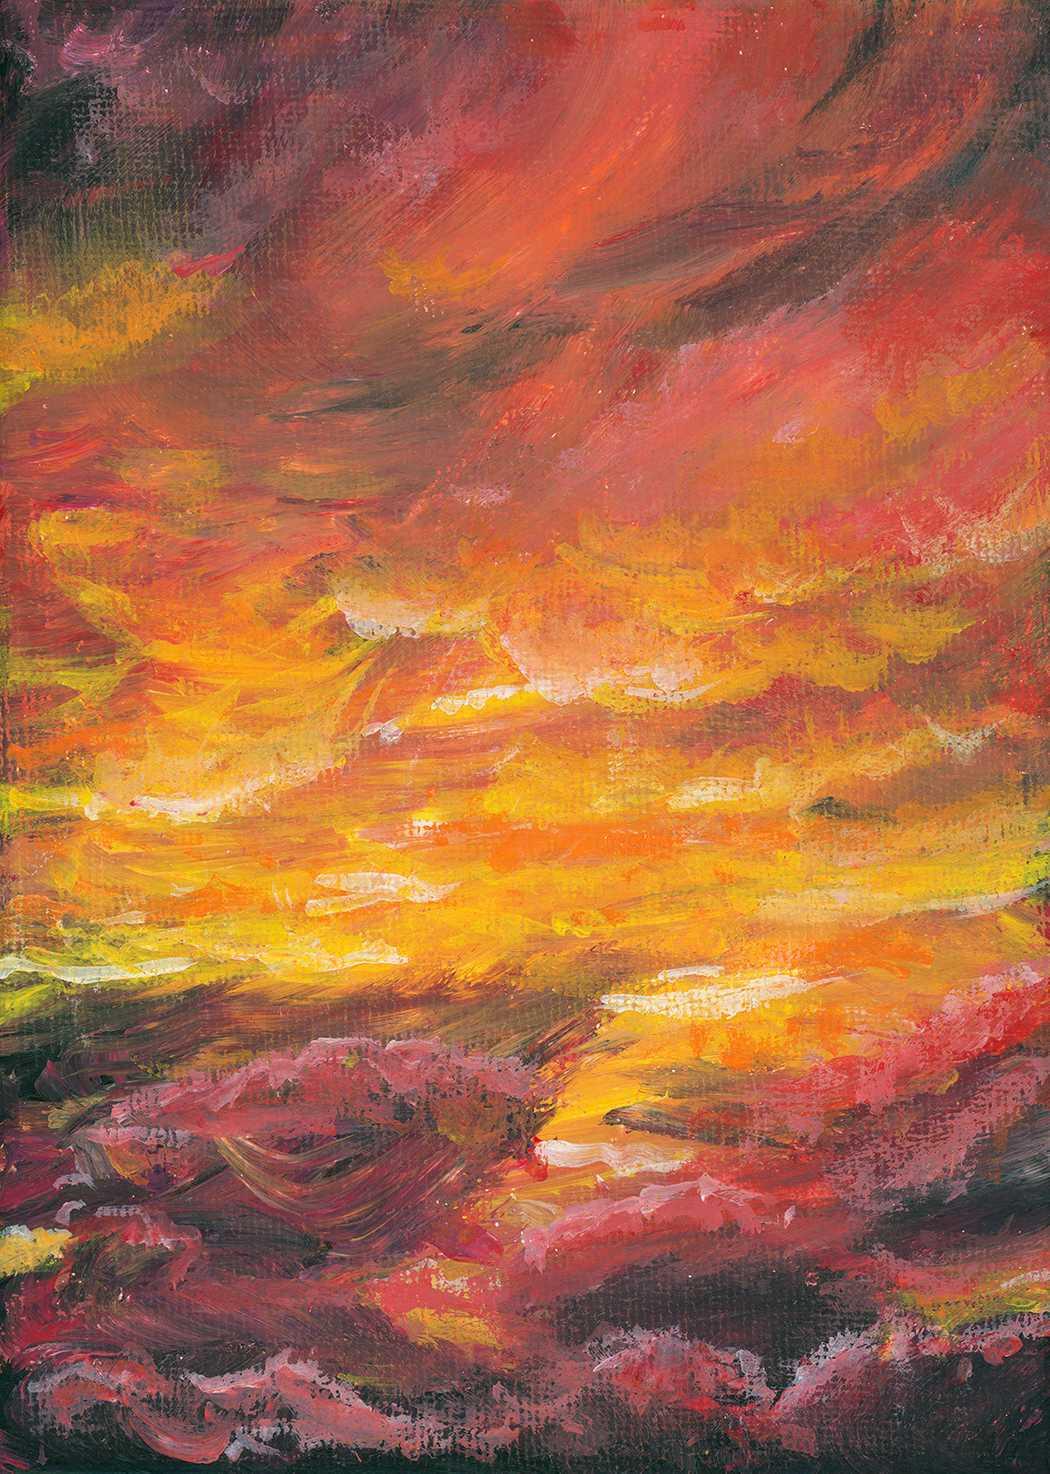 Cloud Based Diet 5 ~ Fiery Sky